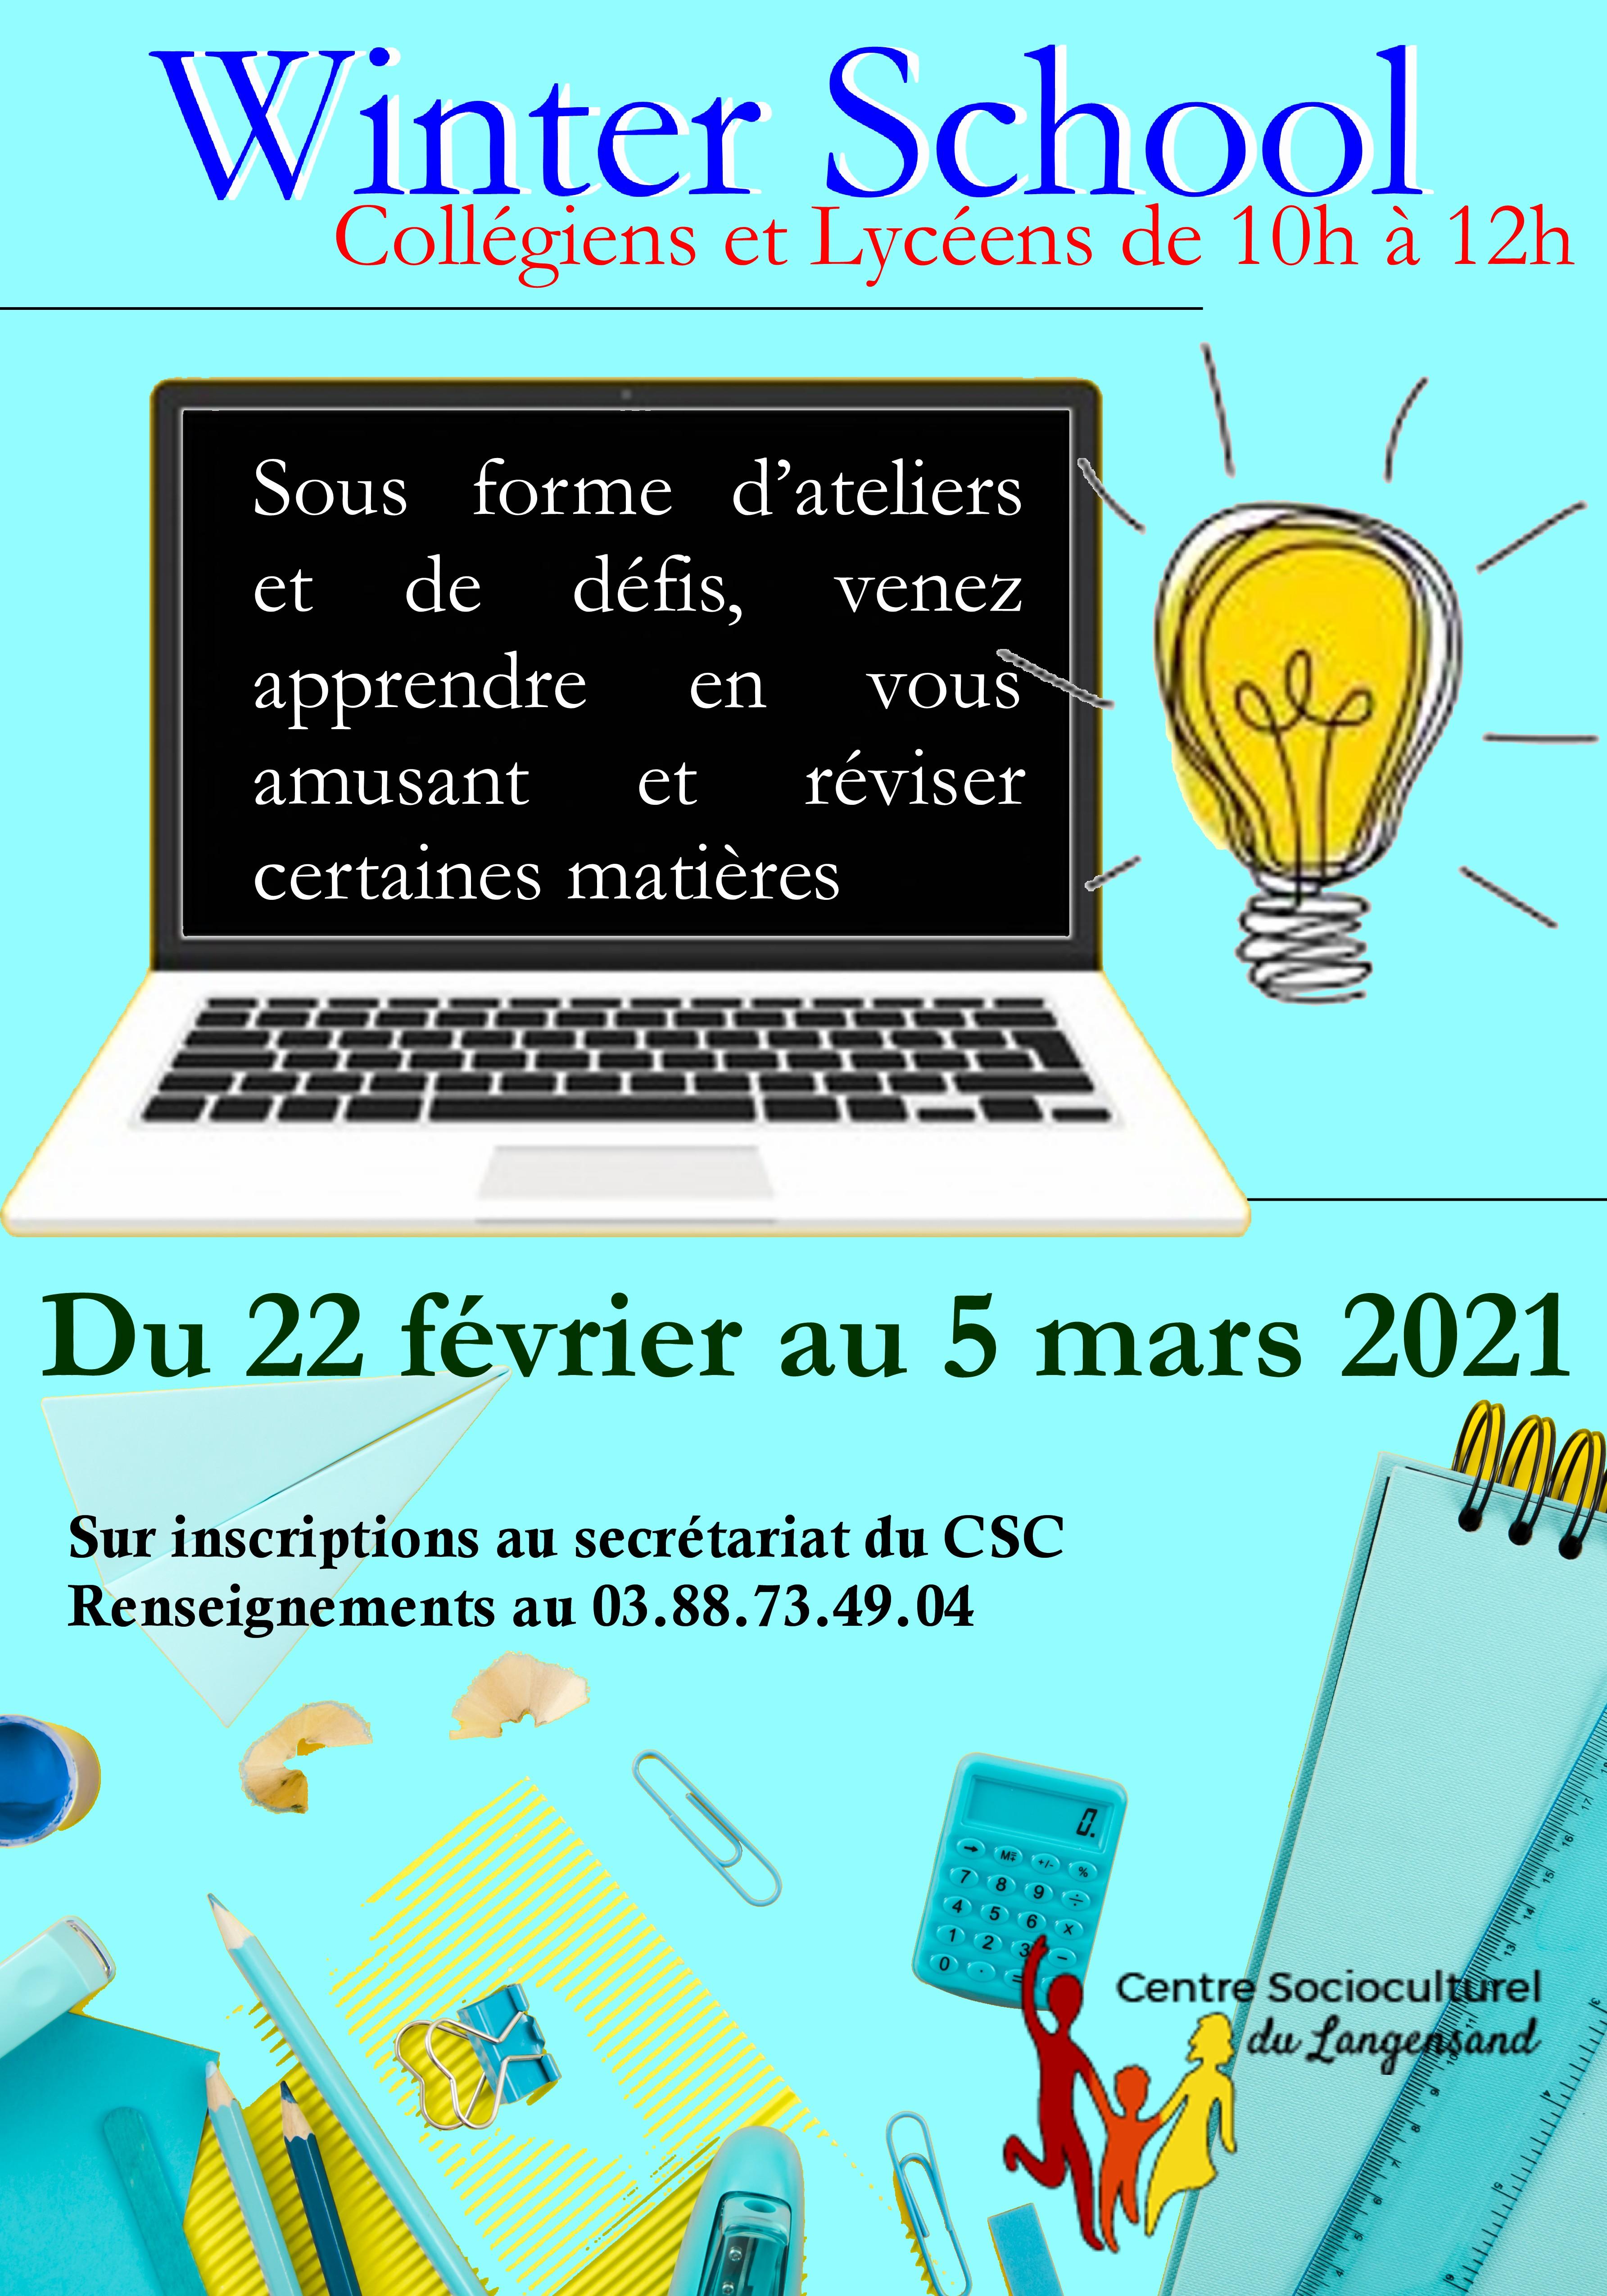 Winter School Collégiens et Lycéens